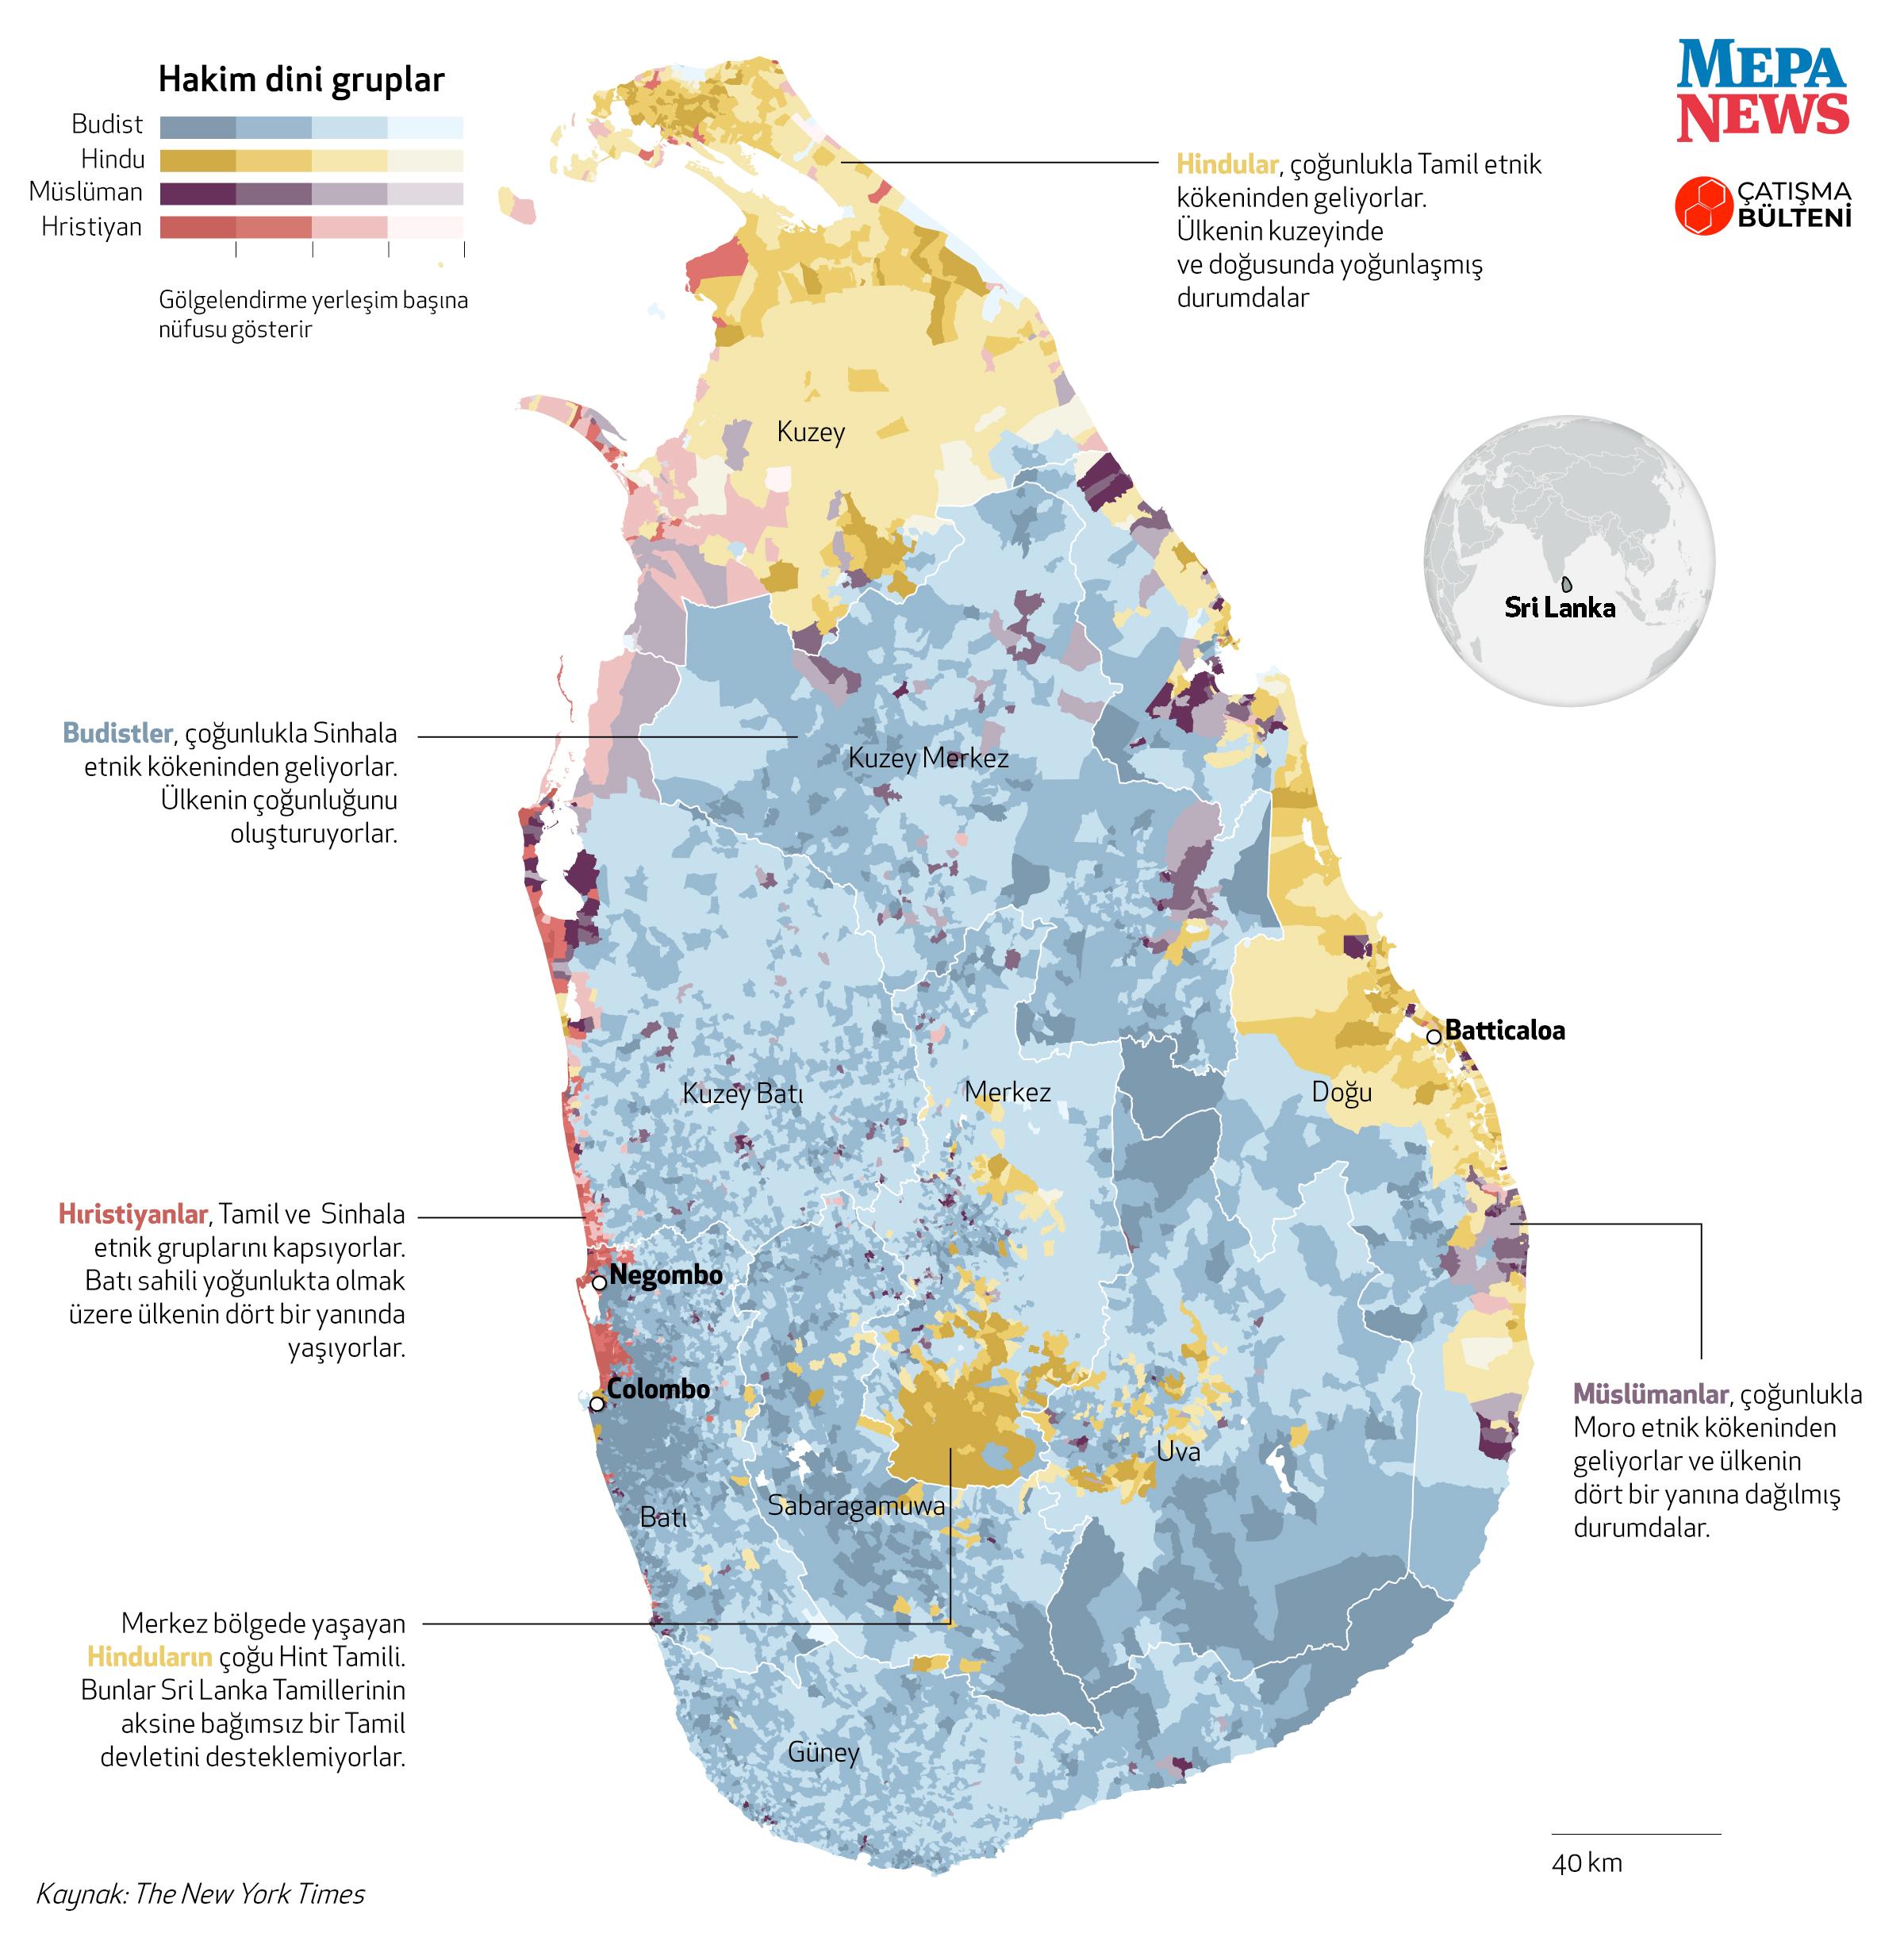 srilankaetnik.jpg